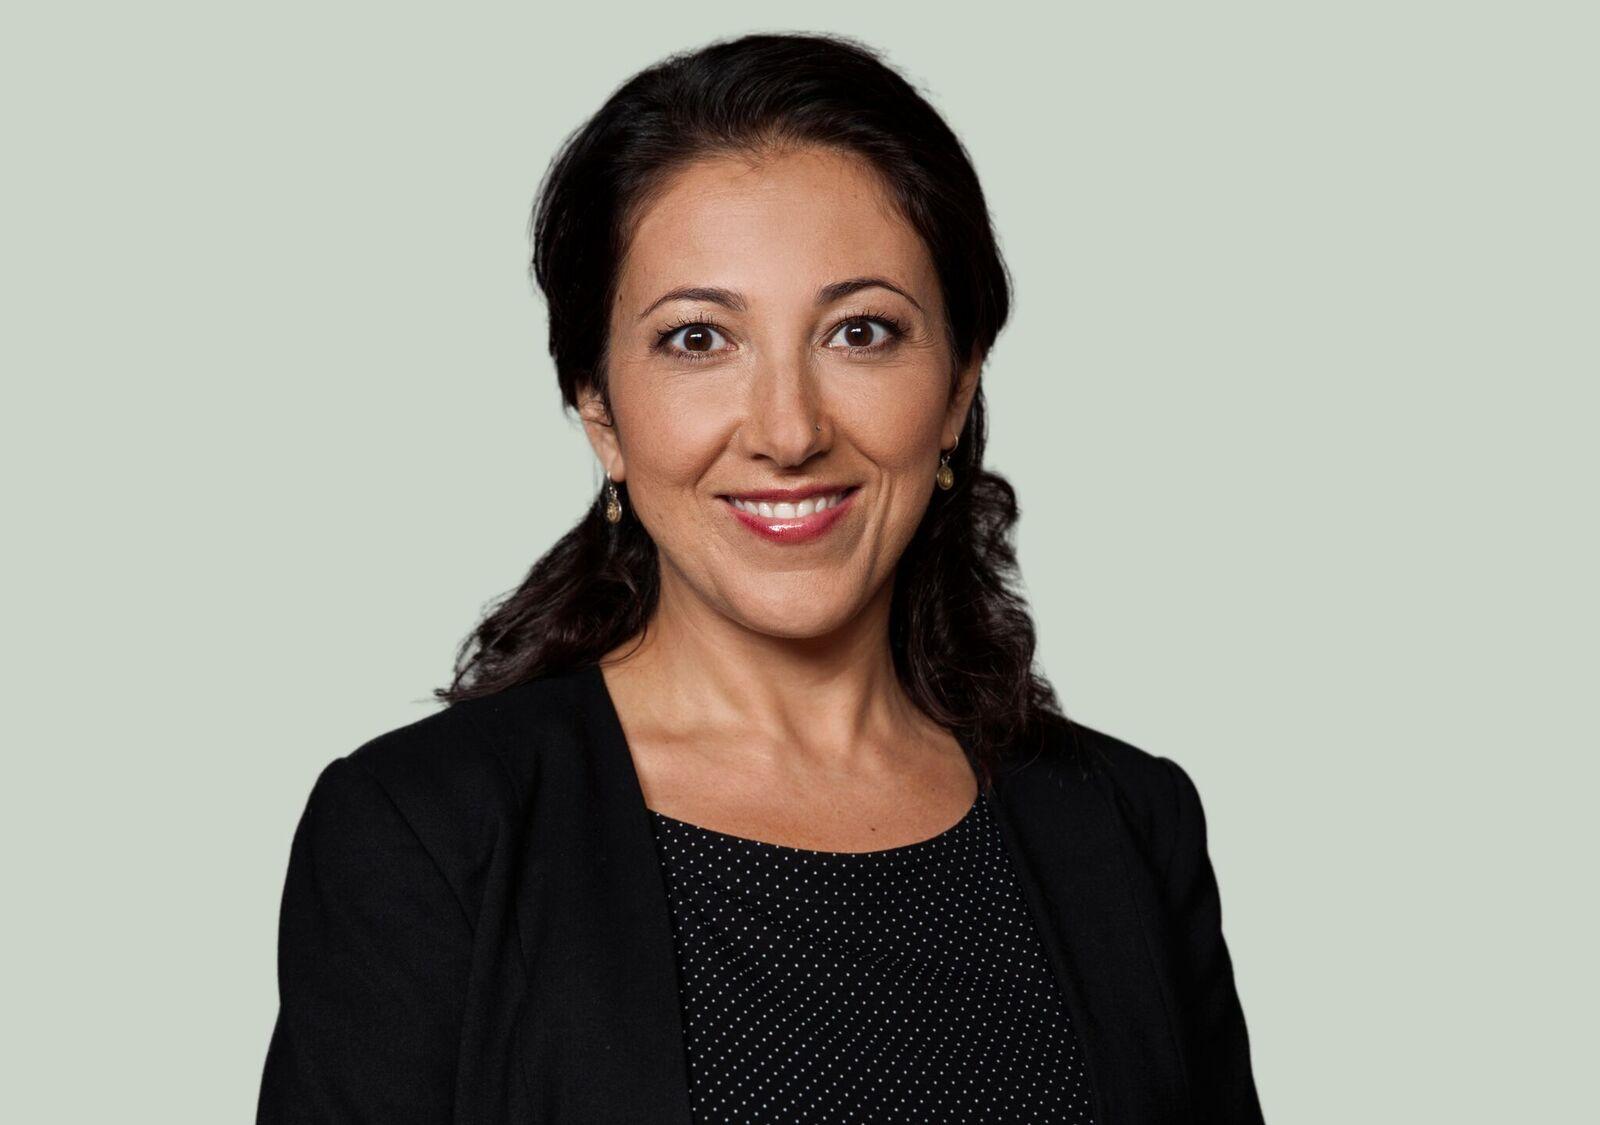 Profilbillede af Yildiz Akdogan